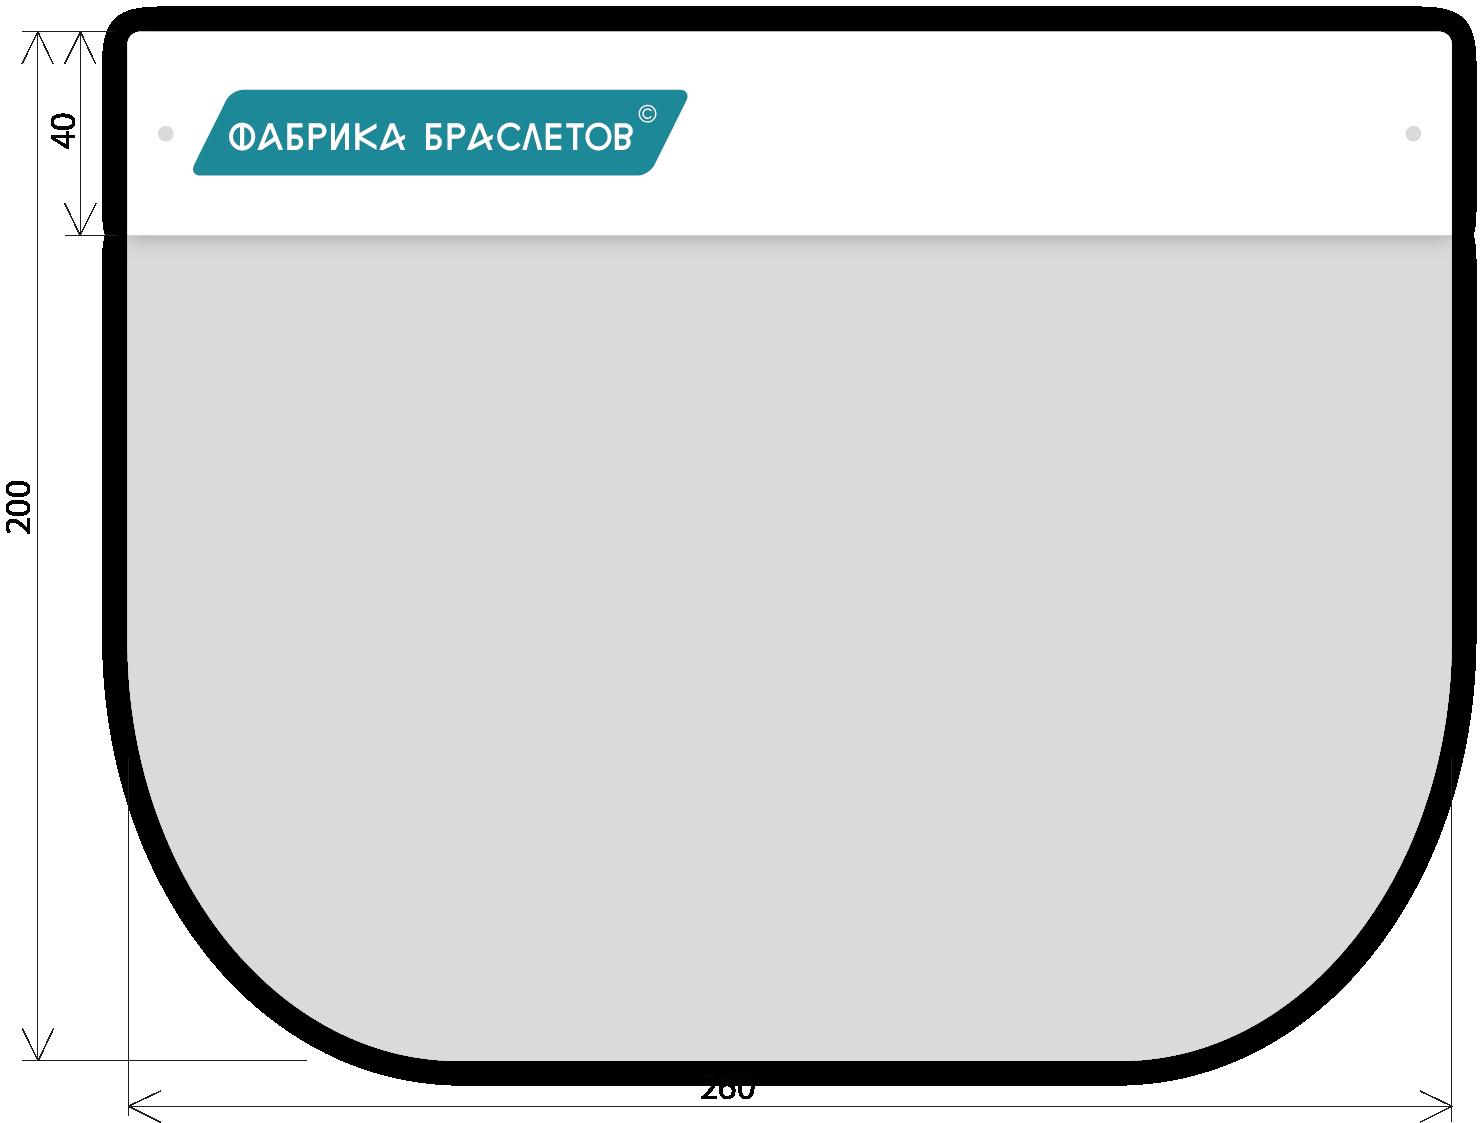 защитные экраны от ekran24.pro